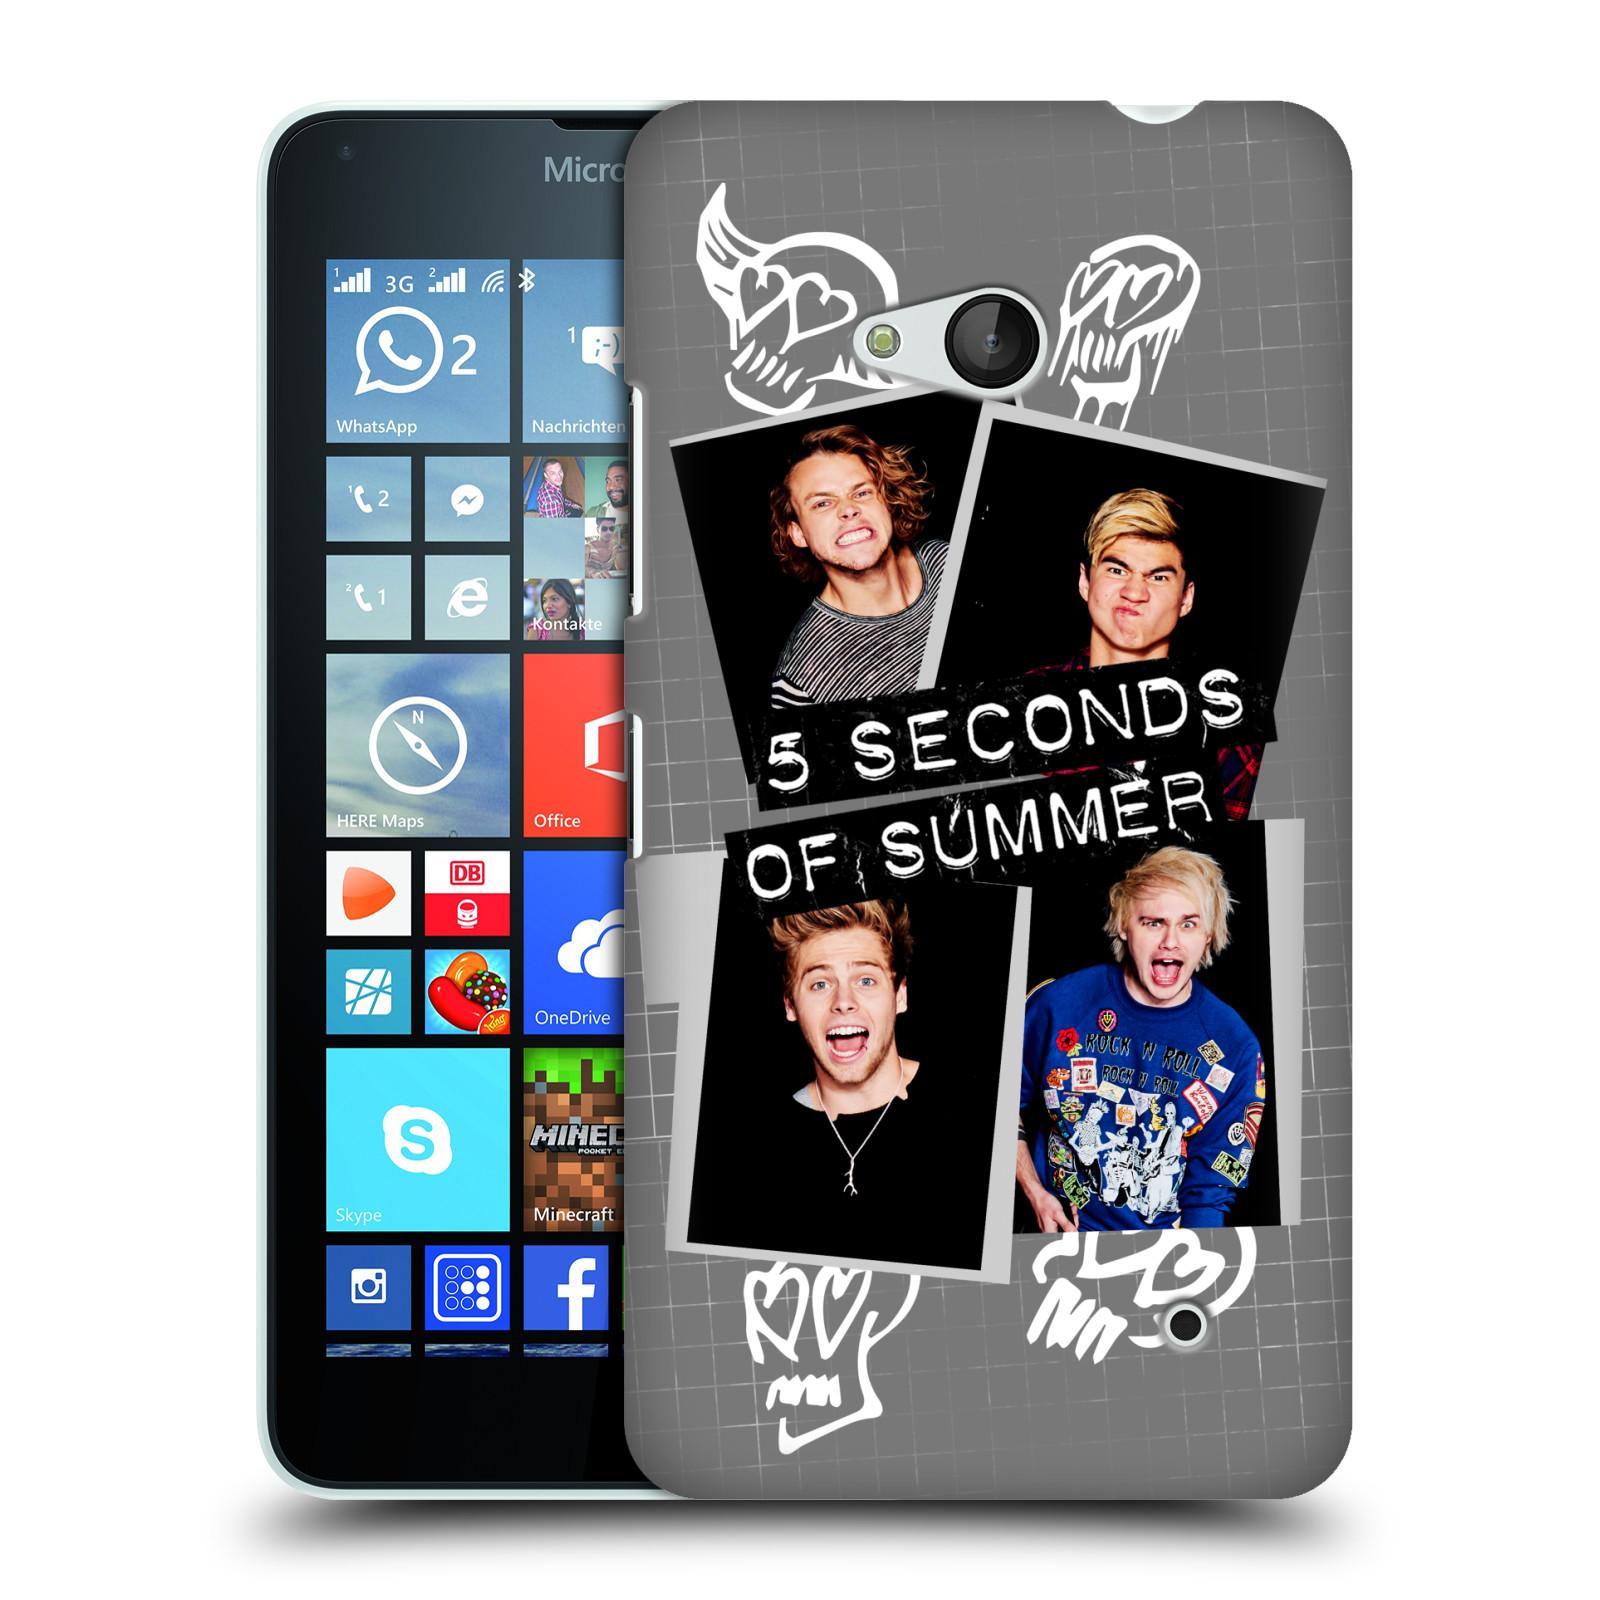 Plastové pouzdro na mobil Microsoft Lumia 640 HEAD CASE 5 Seconds of Summer - Band Grey (Plastový kryt či obal na mobilní telefon licencovaným motivem 5 Seconds of Summer pro Microsoft Lumia 640)